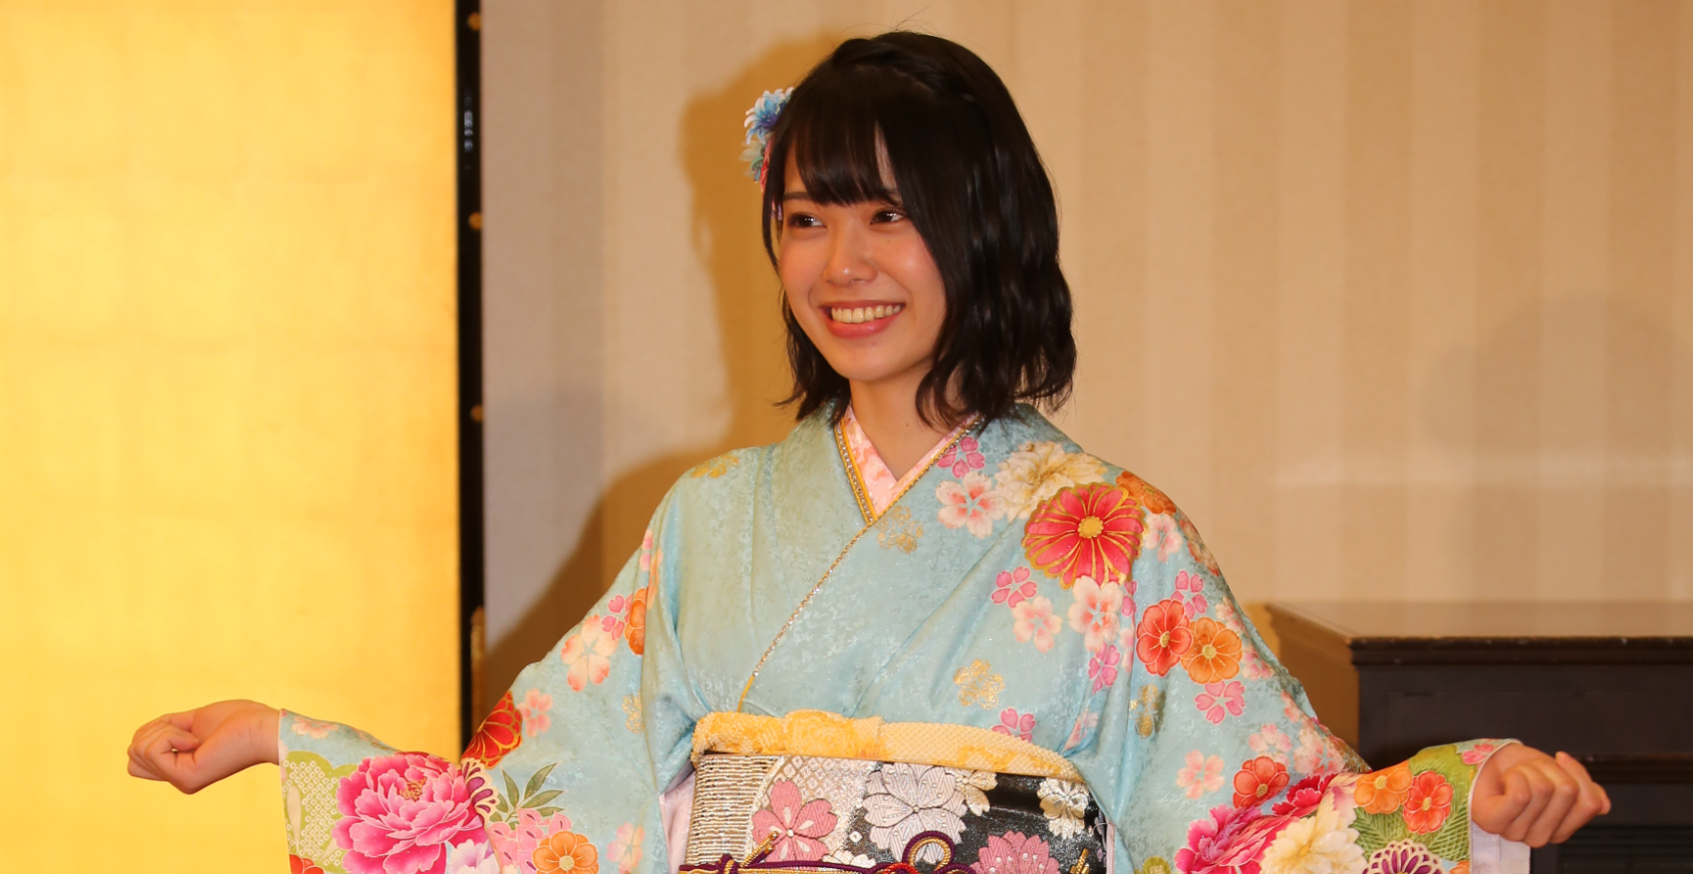 小田えりな(神田明神でのAKB48成人式にて、2018年1月)